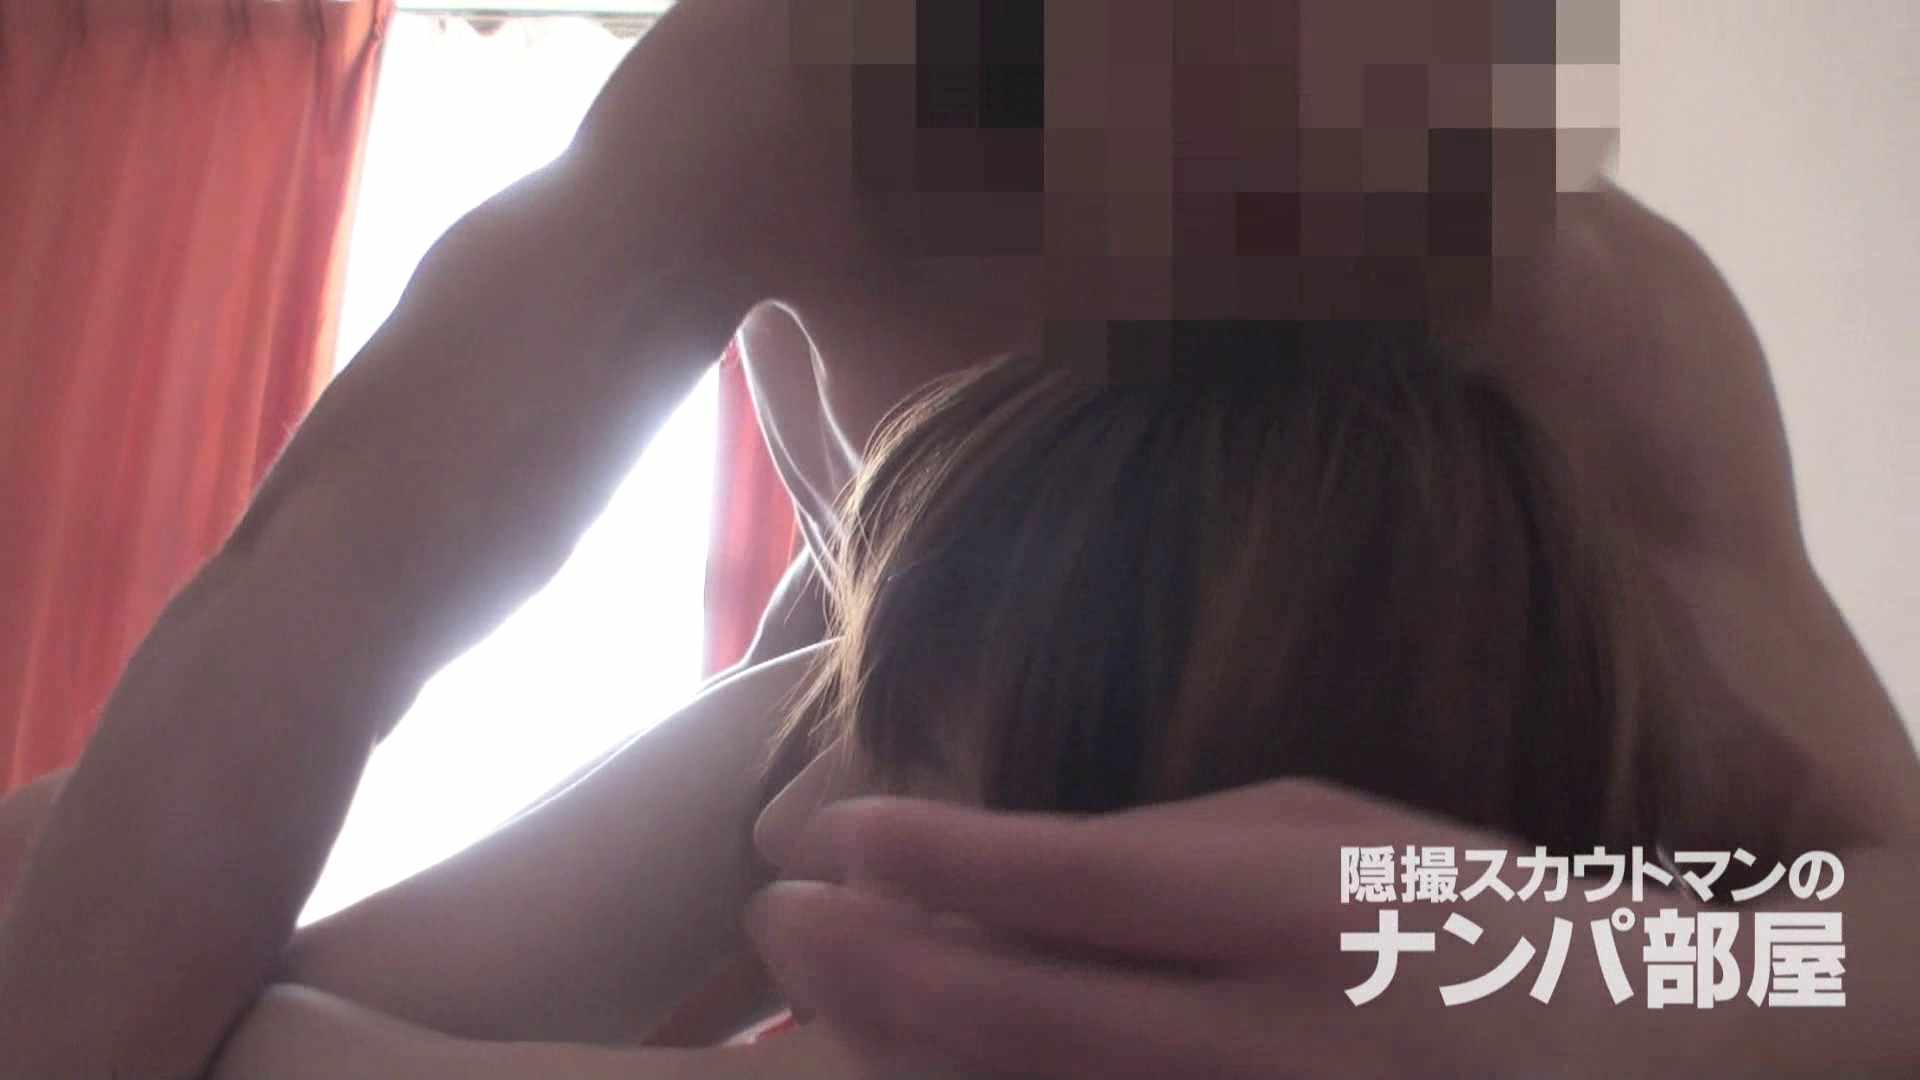 隠撮スカウトマンのナンパ部屋~風俗デビュー前のつまみ食い~ siivol.4 OL  16連発 9